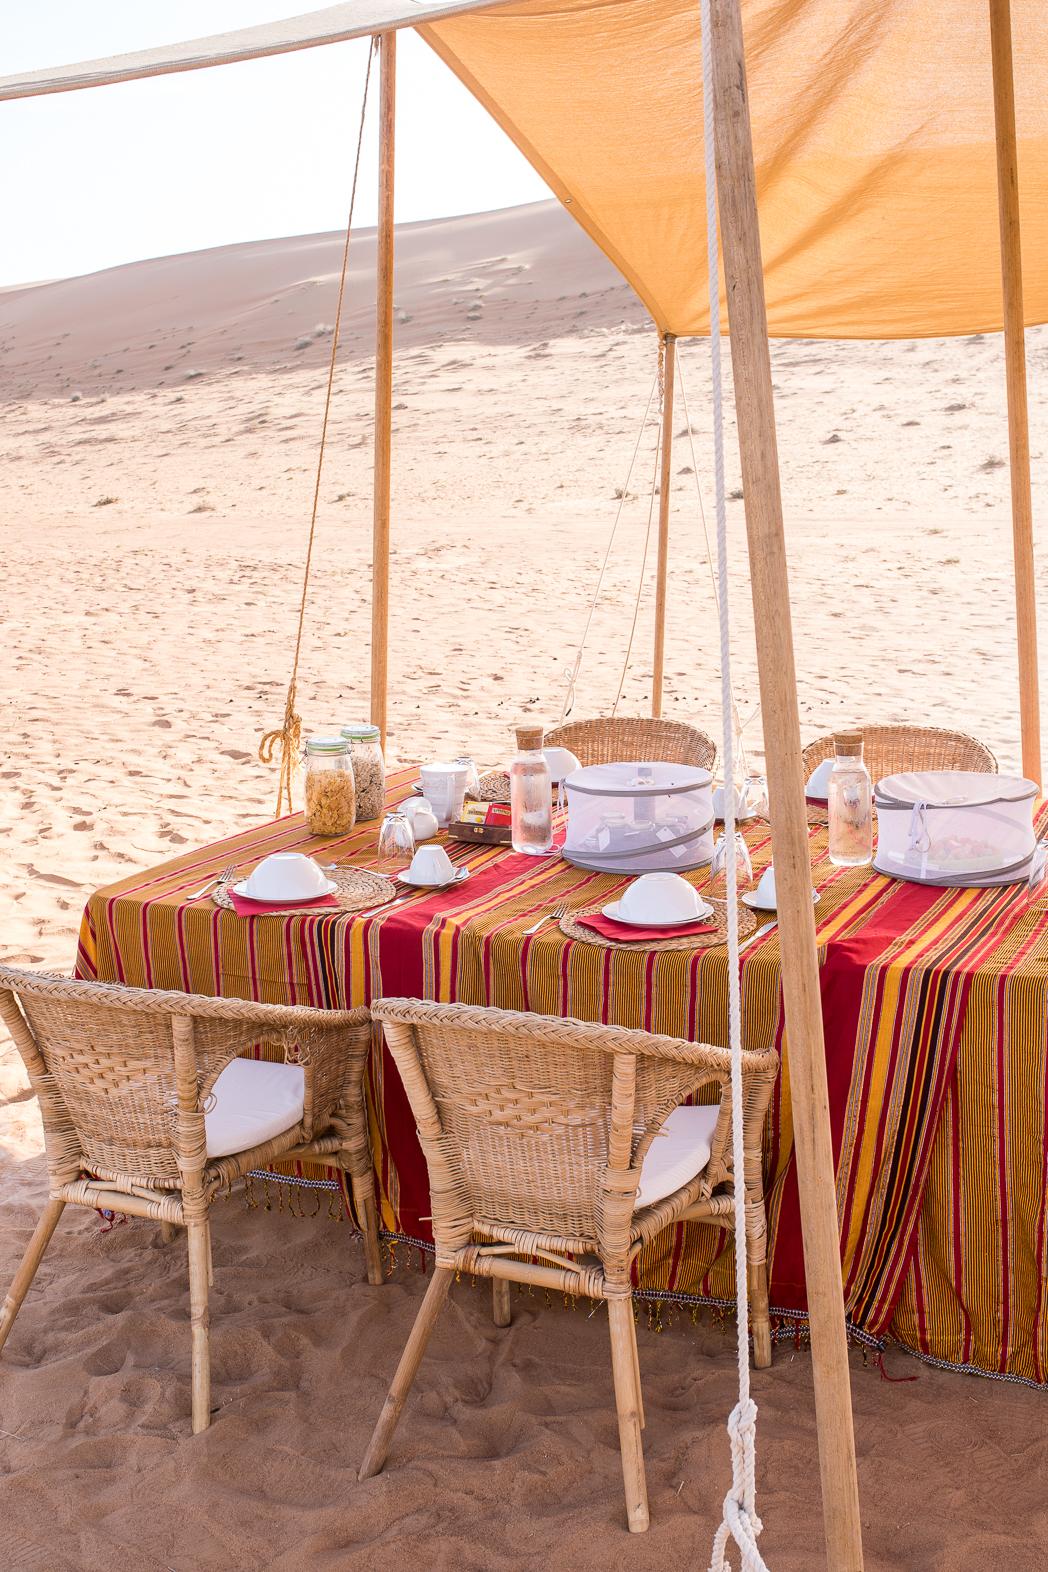 Stacie Flinner Hud Hud Travels Glamping Oman-21.jpg